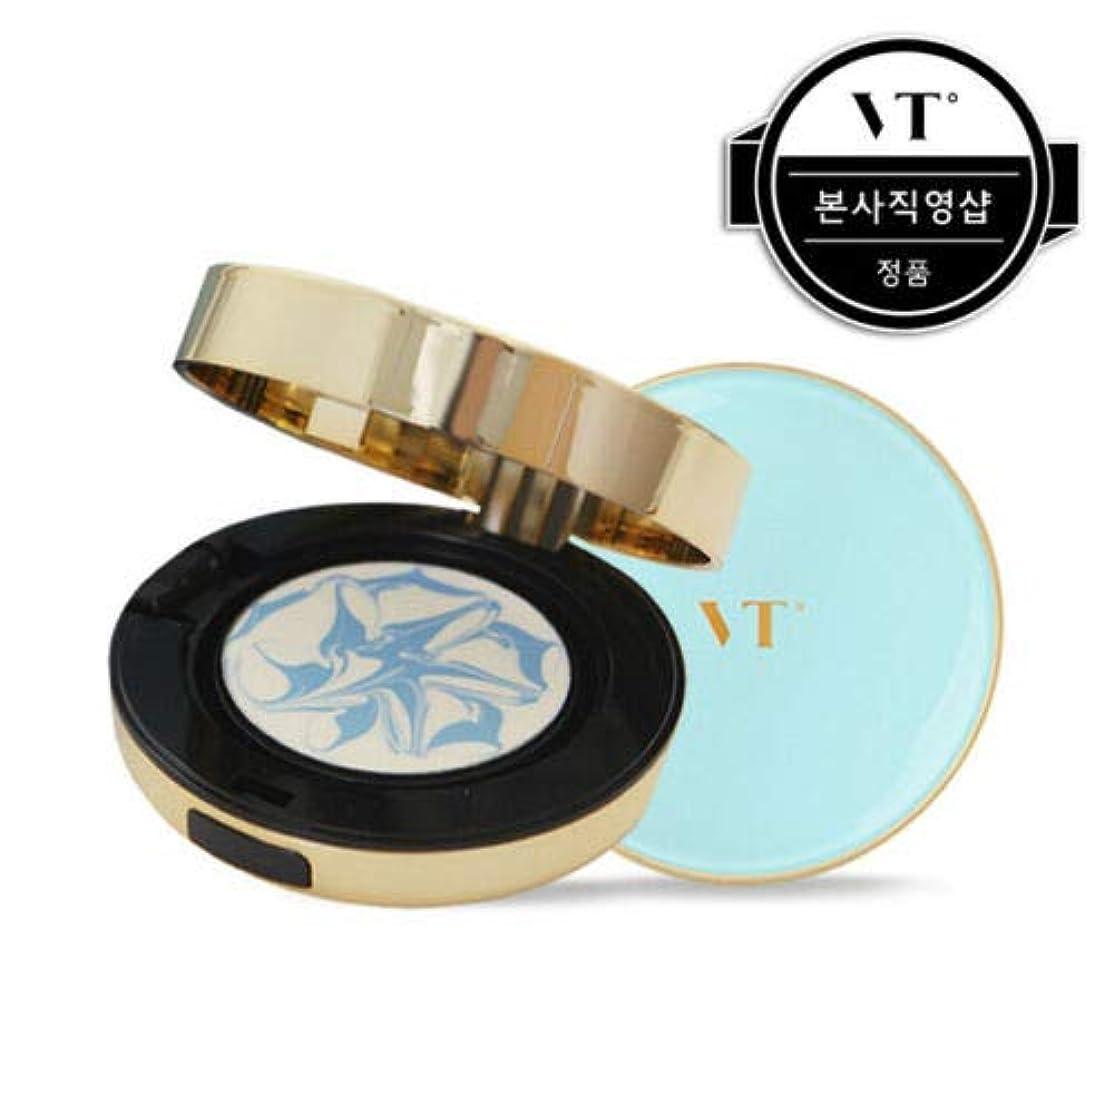 おばあさん各印象的なVT Cosmetic Essence Sun Pact エッセンス サン パクト 本品11g + リフィール 11g, SPF50+/PA+++